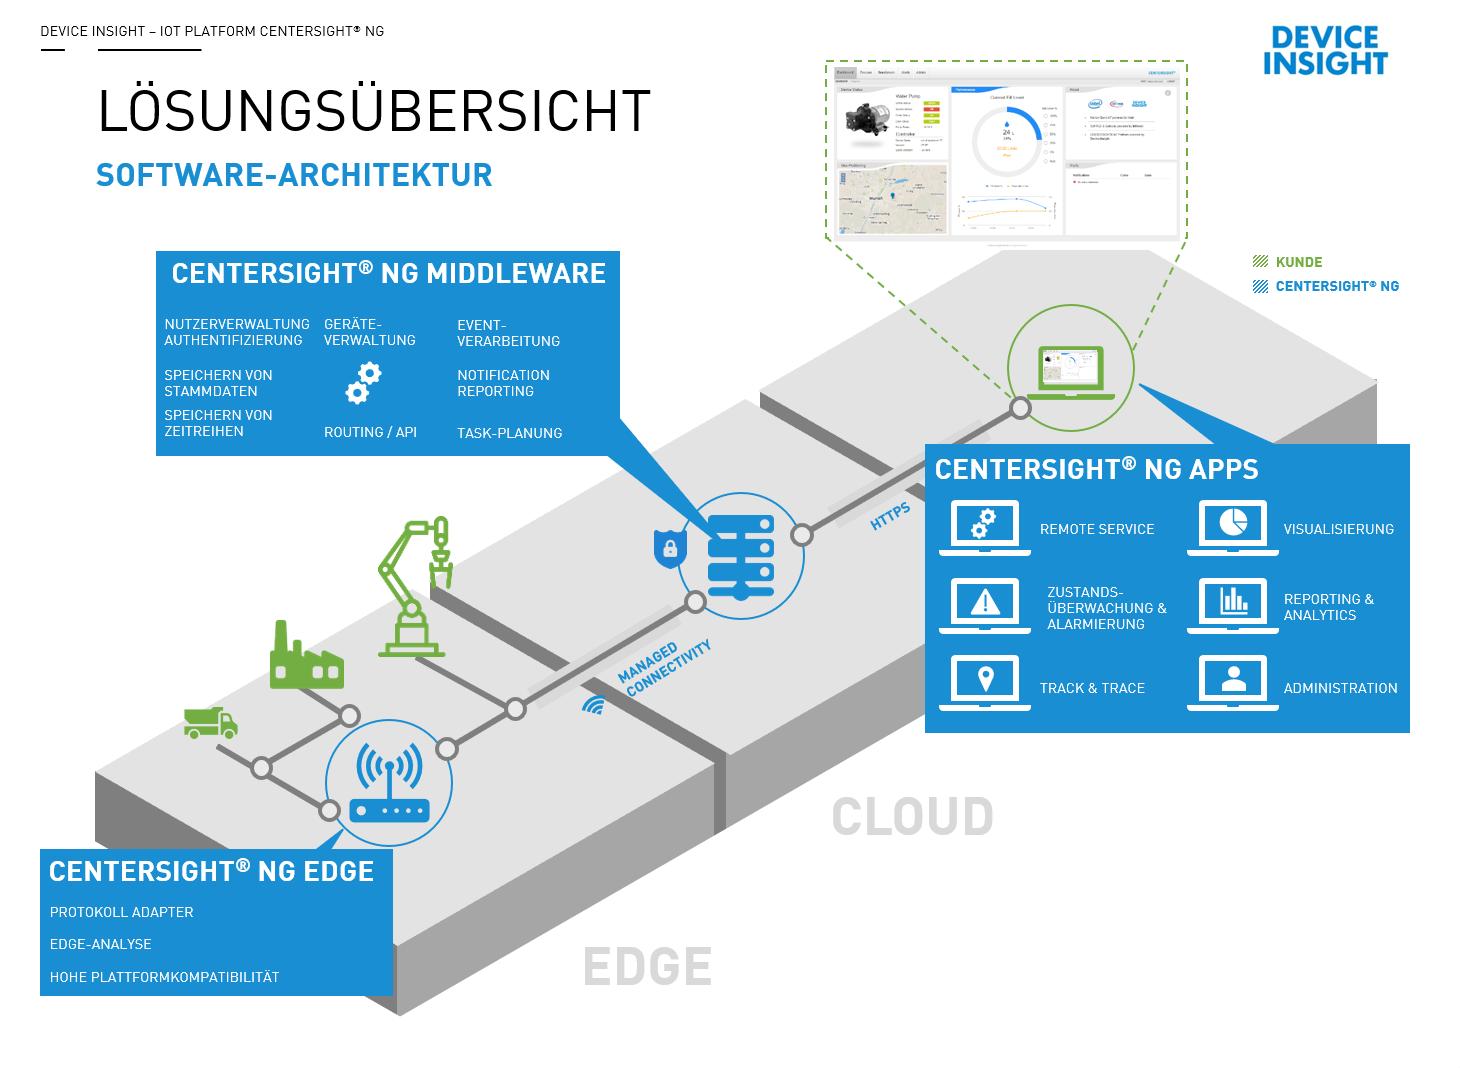 Di software architektur 04 2018 it production for Architektur software